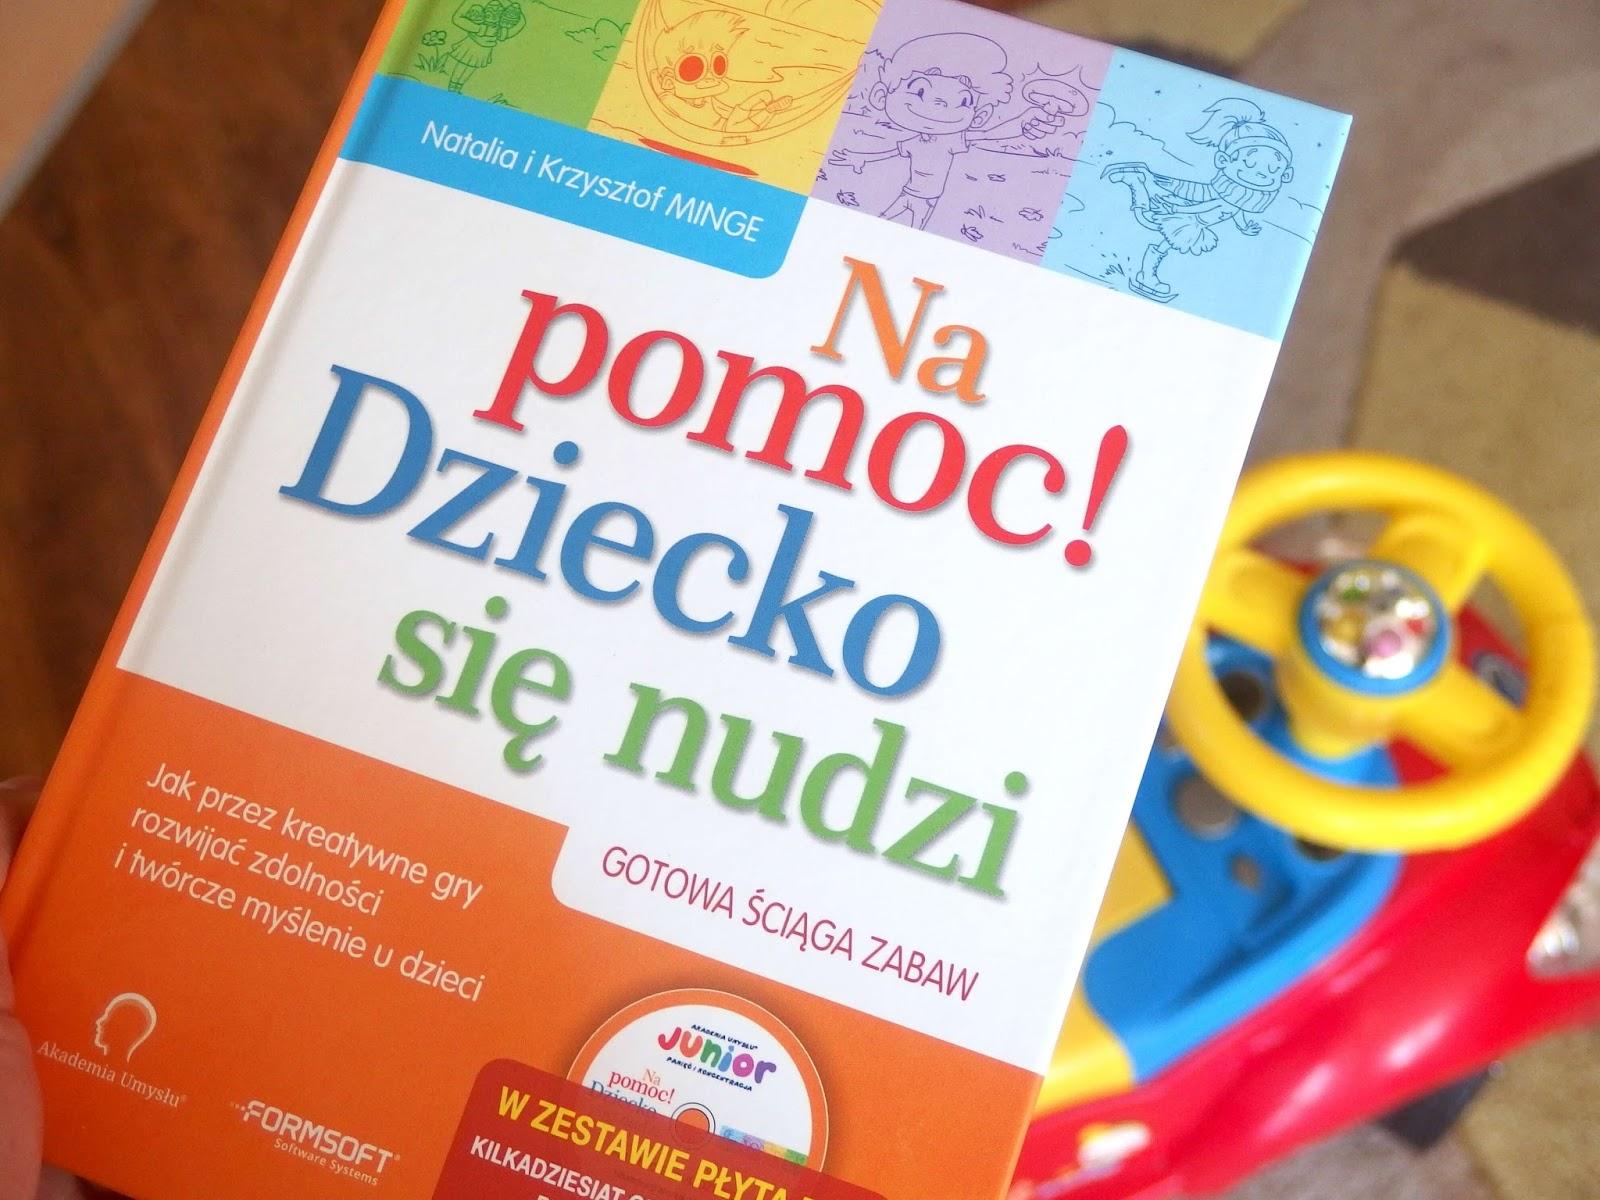 Książka Na pomoc Dziecko się nudzi